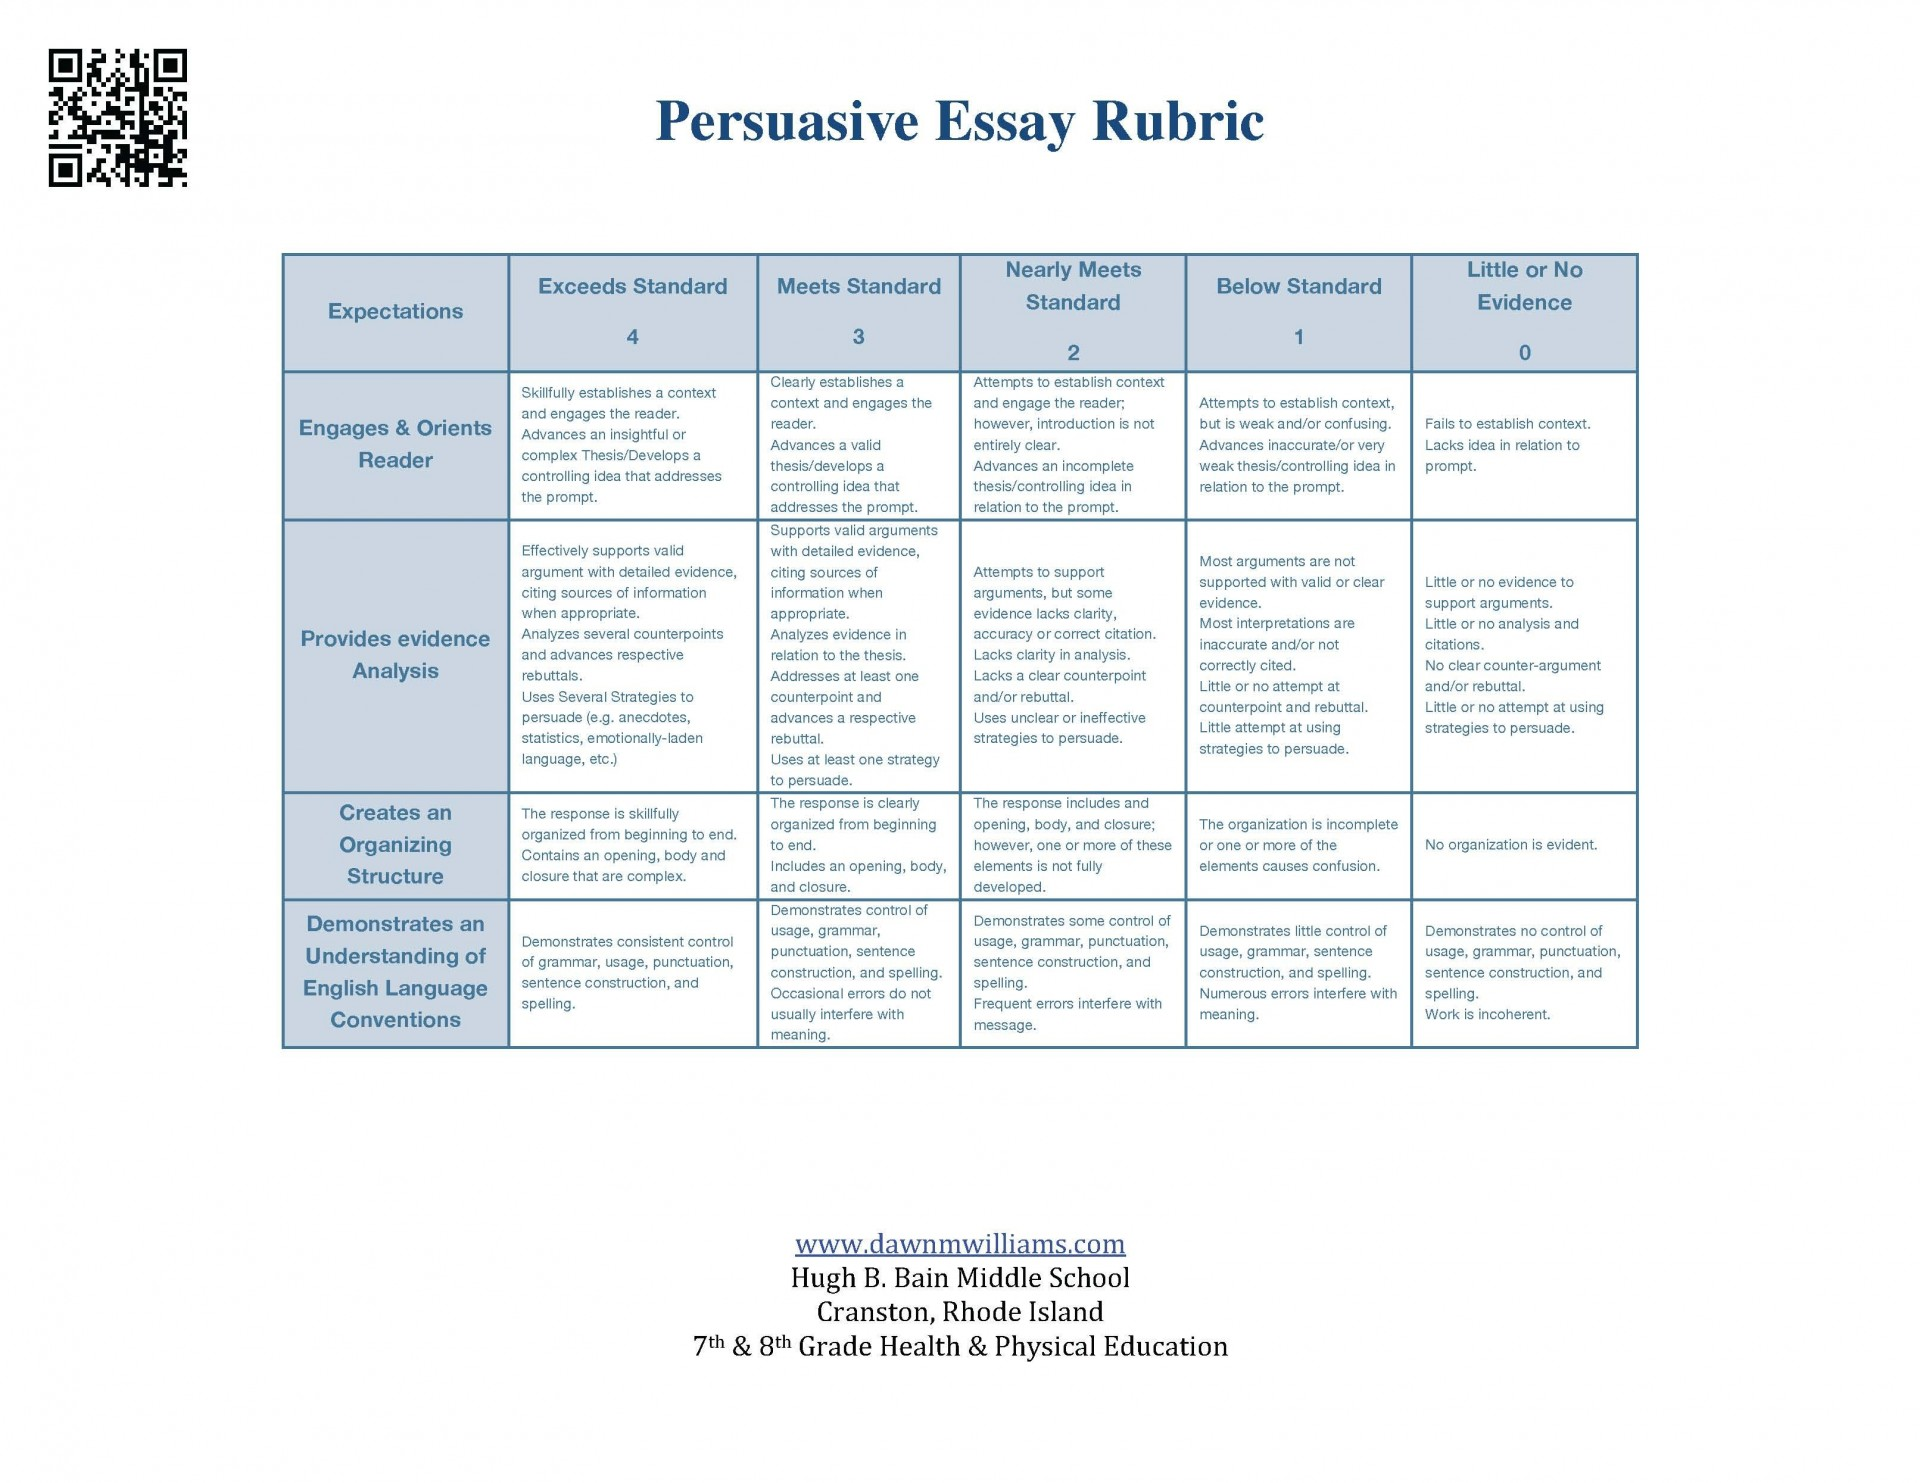 003 Essay Example Argumentative Surprising Rubric Grade 7 Persuasive 10th 1920